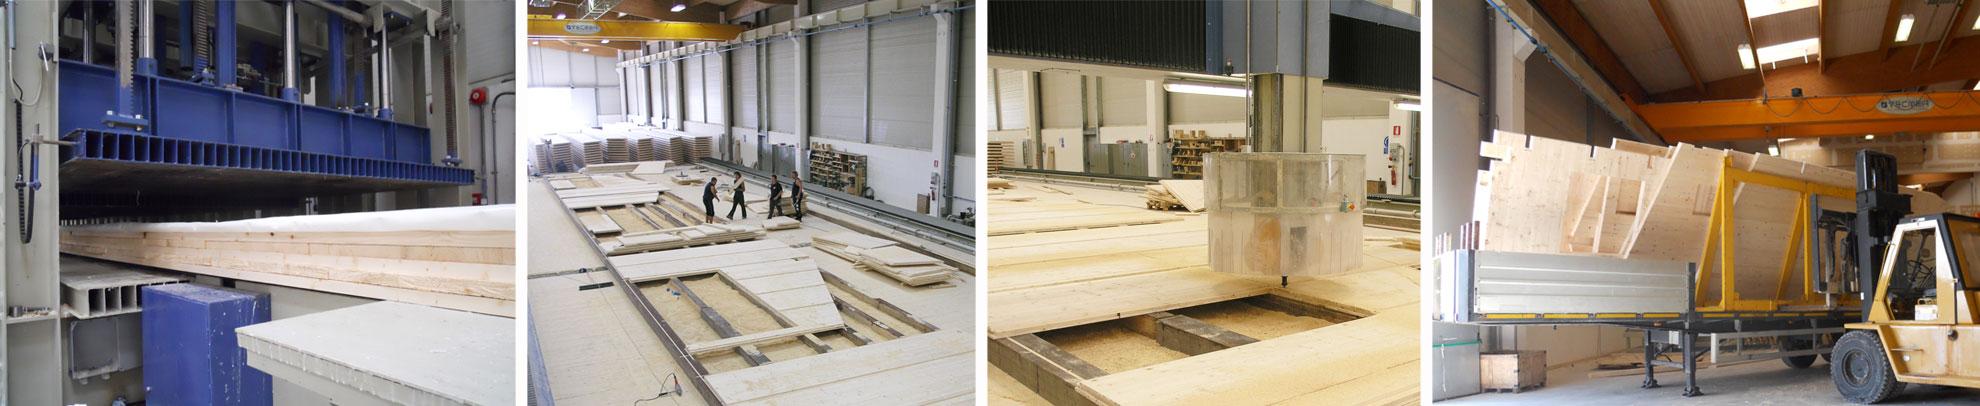 LACOST-produzione-casa-in-legno